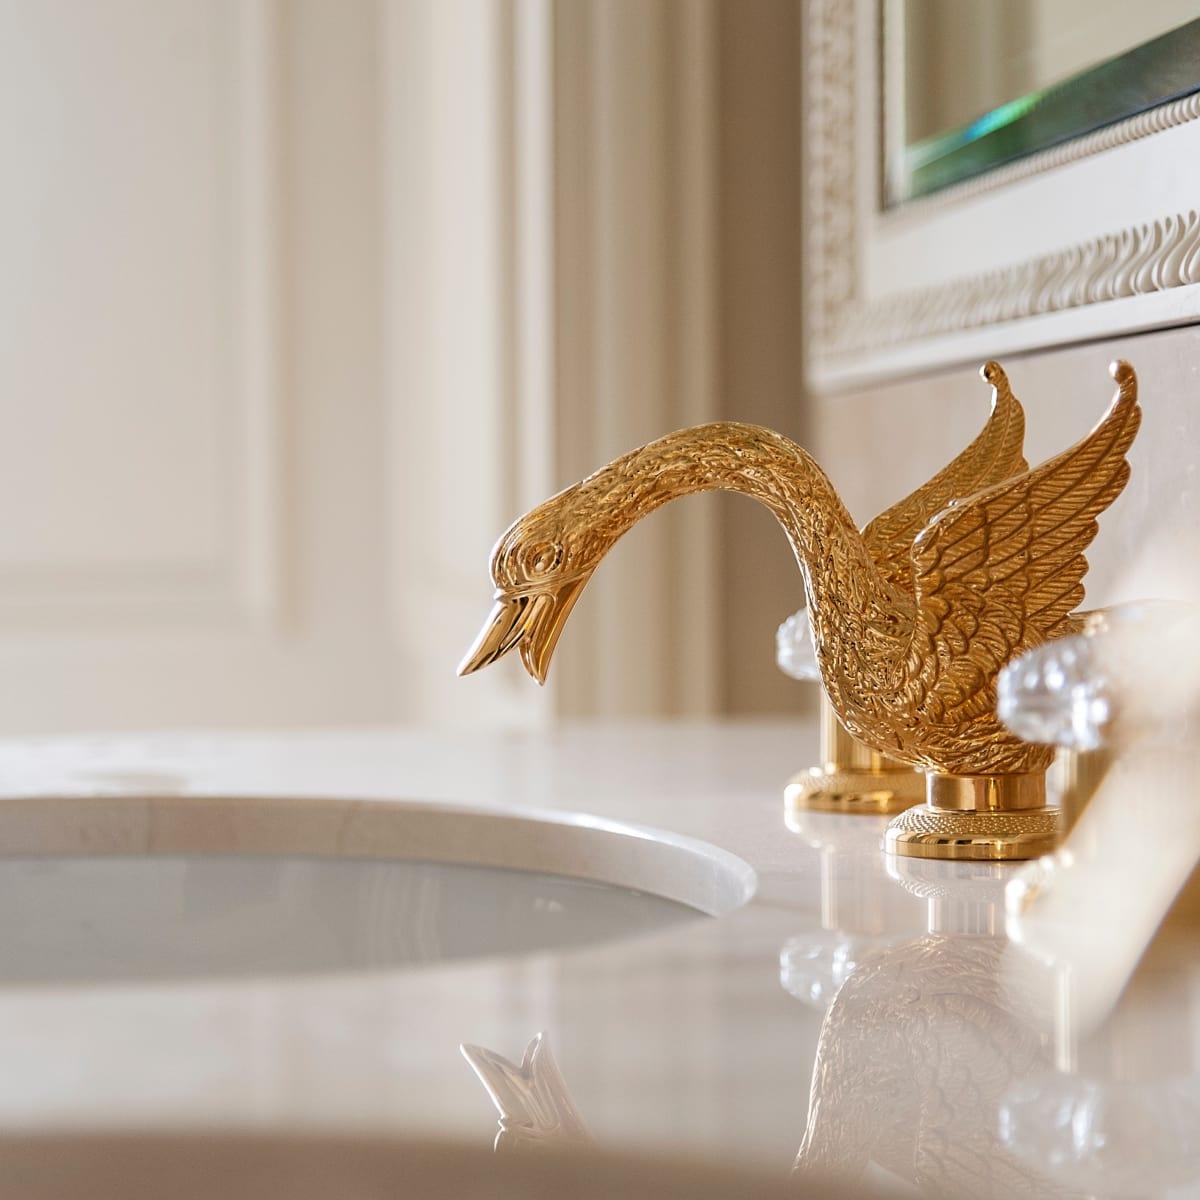 News, Ritz Hotel Paris, Swan fixtures, Jan. 2016